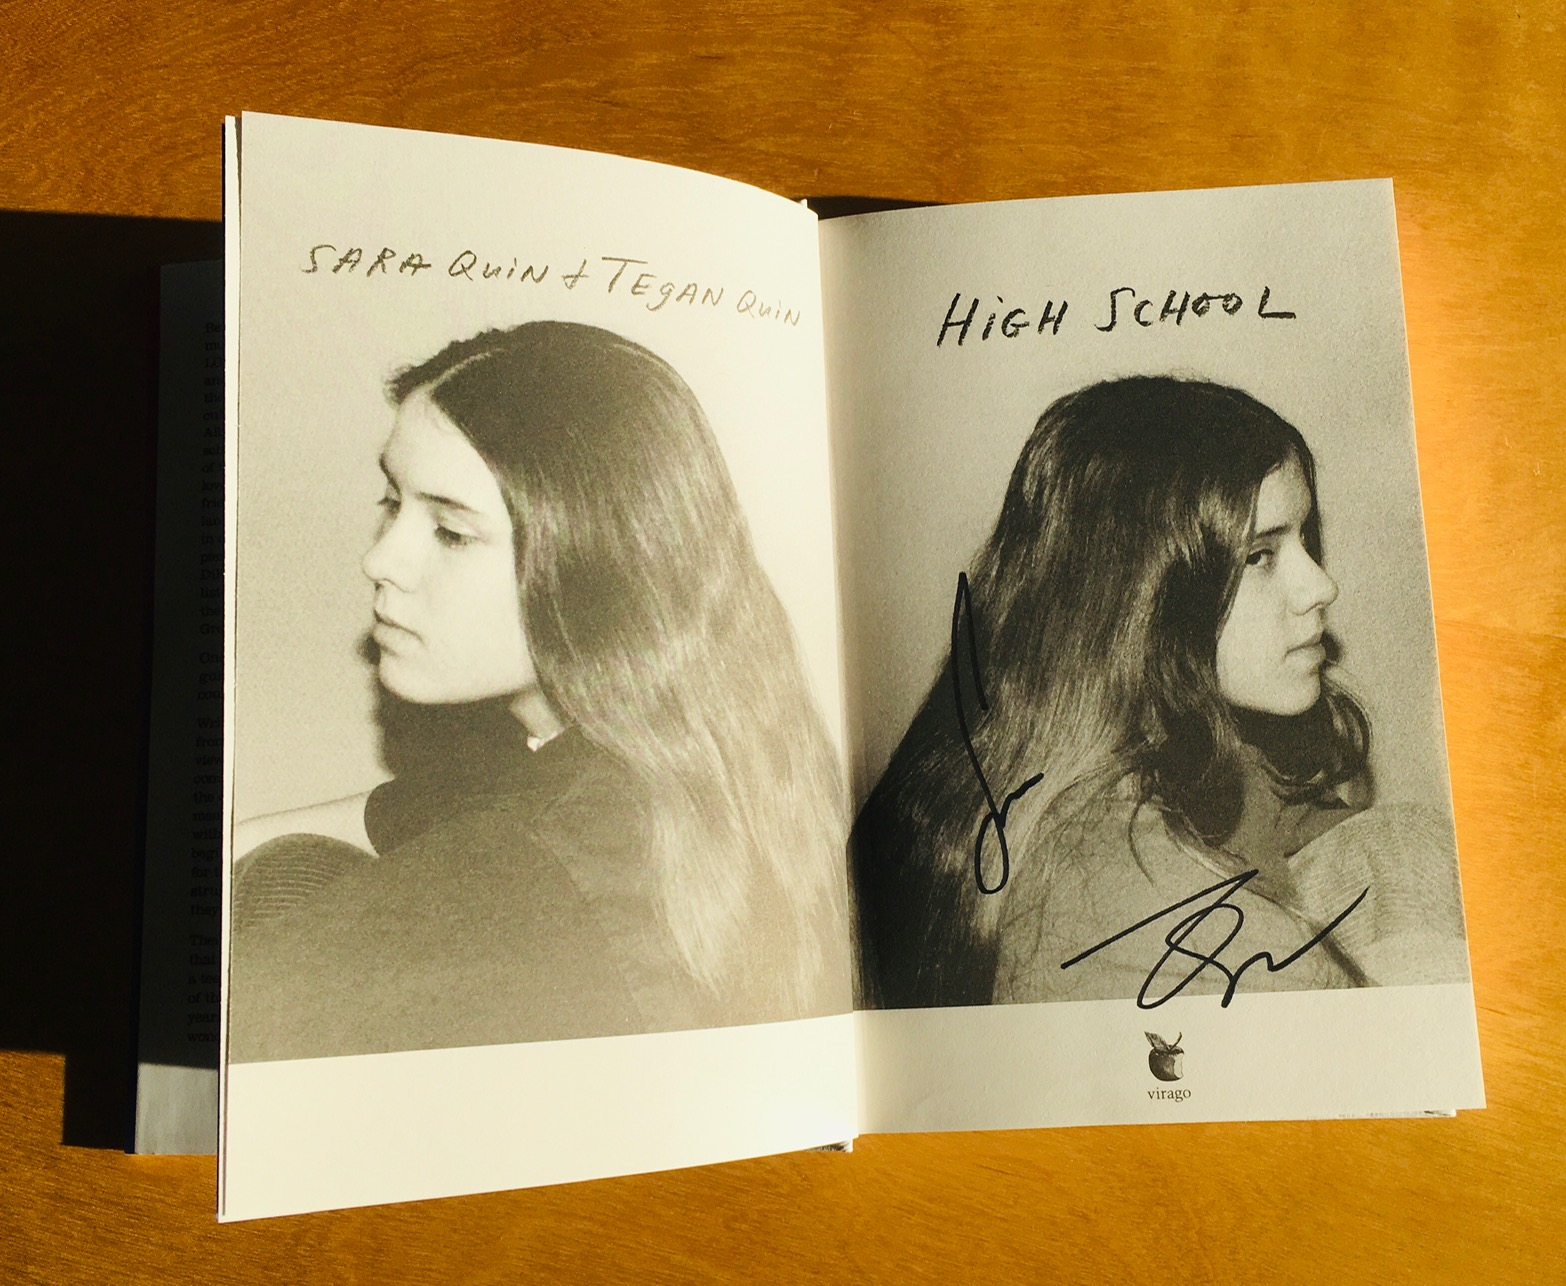 High School von Tegan and Sara signiert